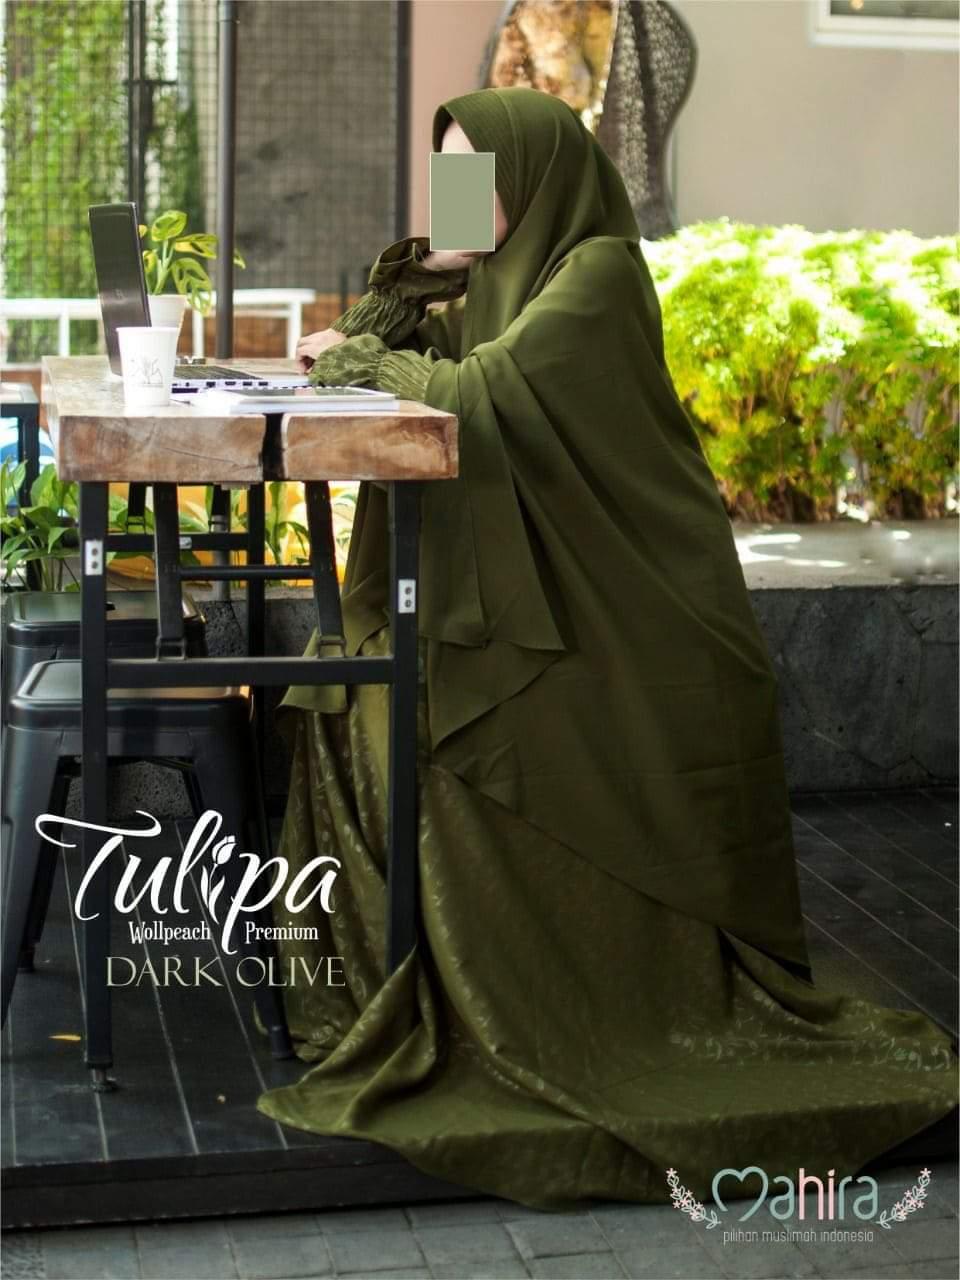 Mahira Tulipa Wollpeach Premium Dark Olive